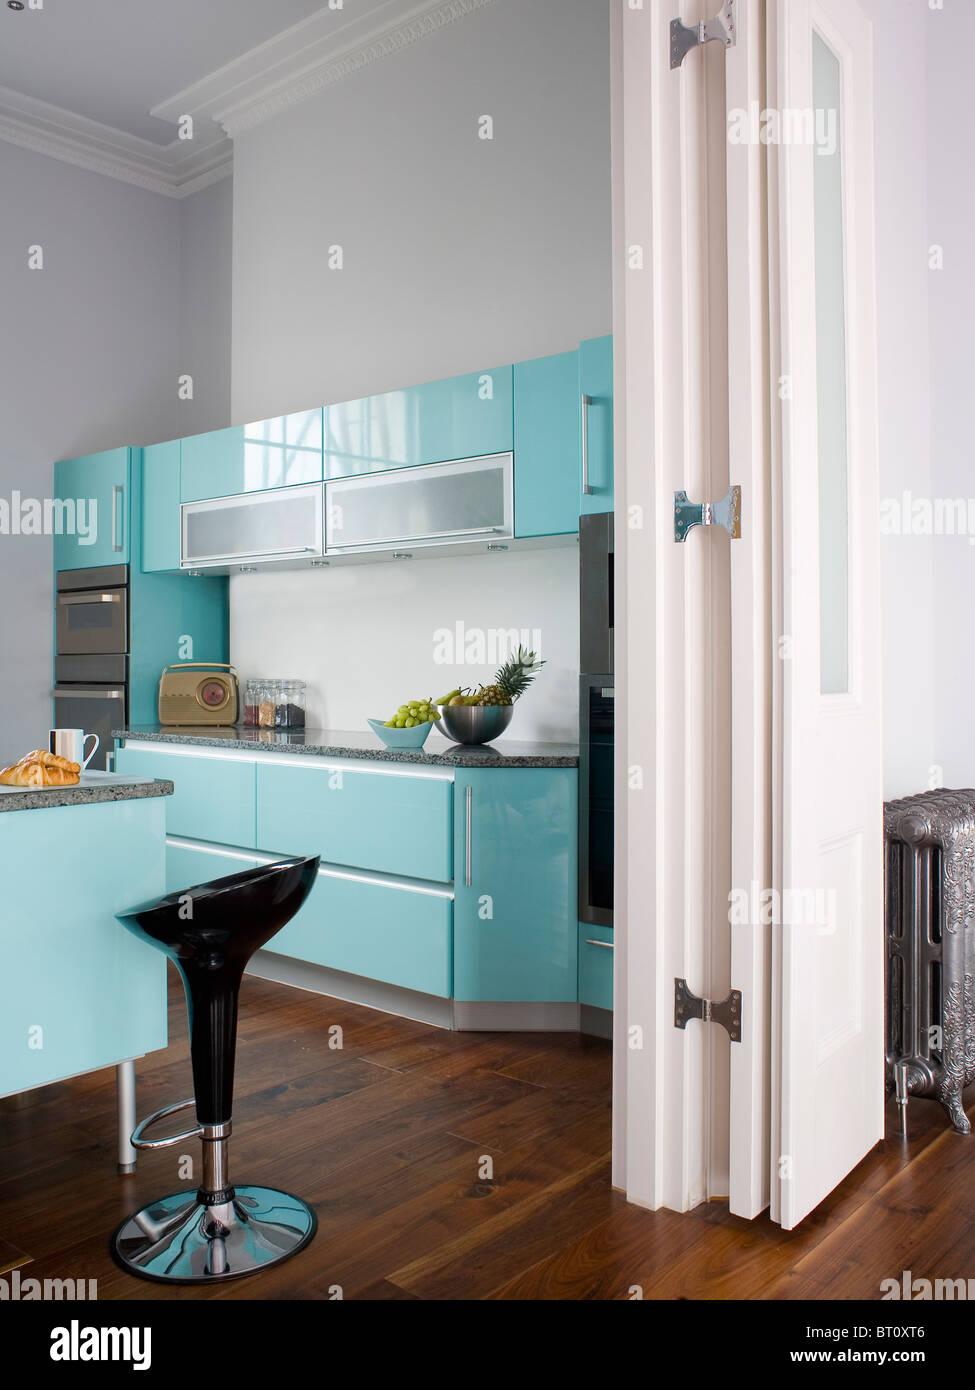 Town Kitchen White Units Turquoise Stock Photos & Town Kitchen White ...